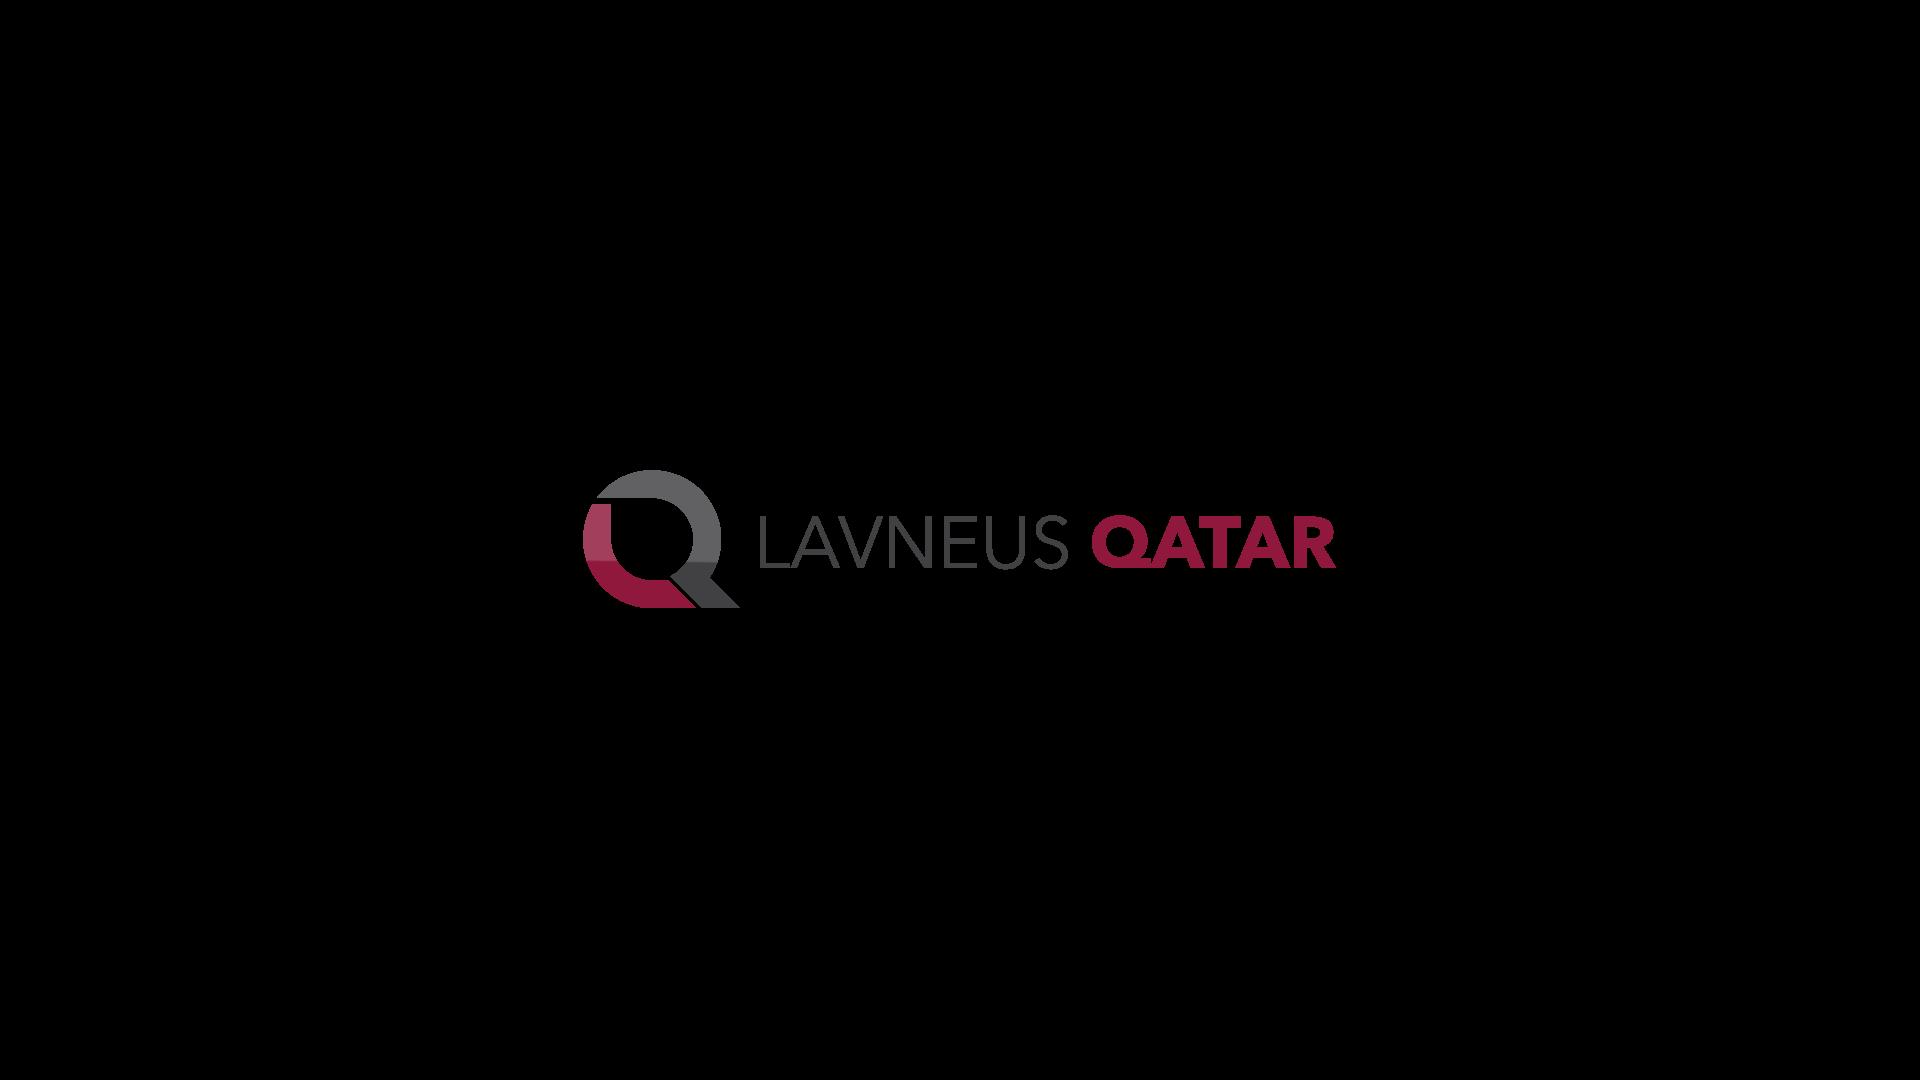 Logo Design by MD SHOHIDUL ISLAM - Entry No. 38 in the Logo Design Contest Imaginative Logo Design for lavneus qatar.